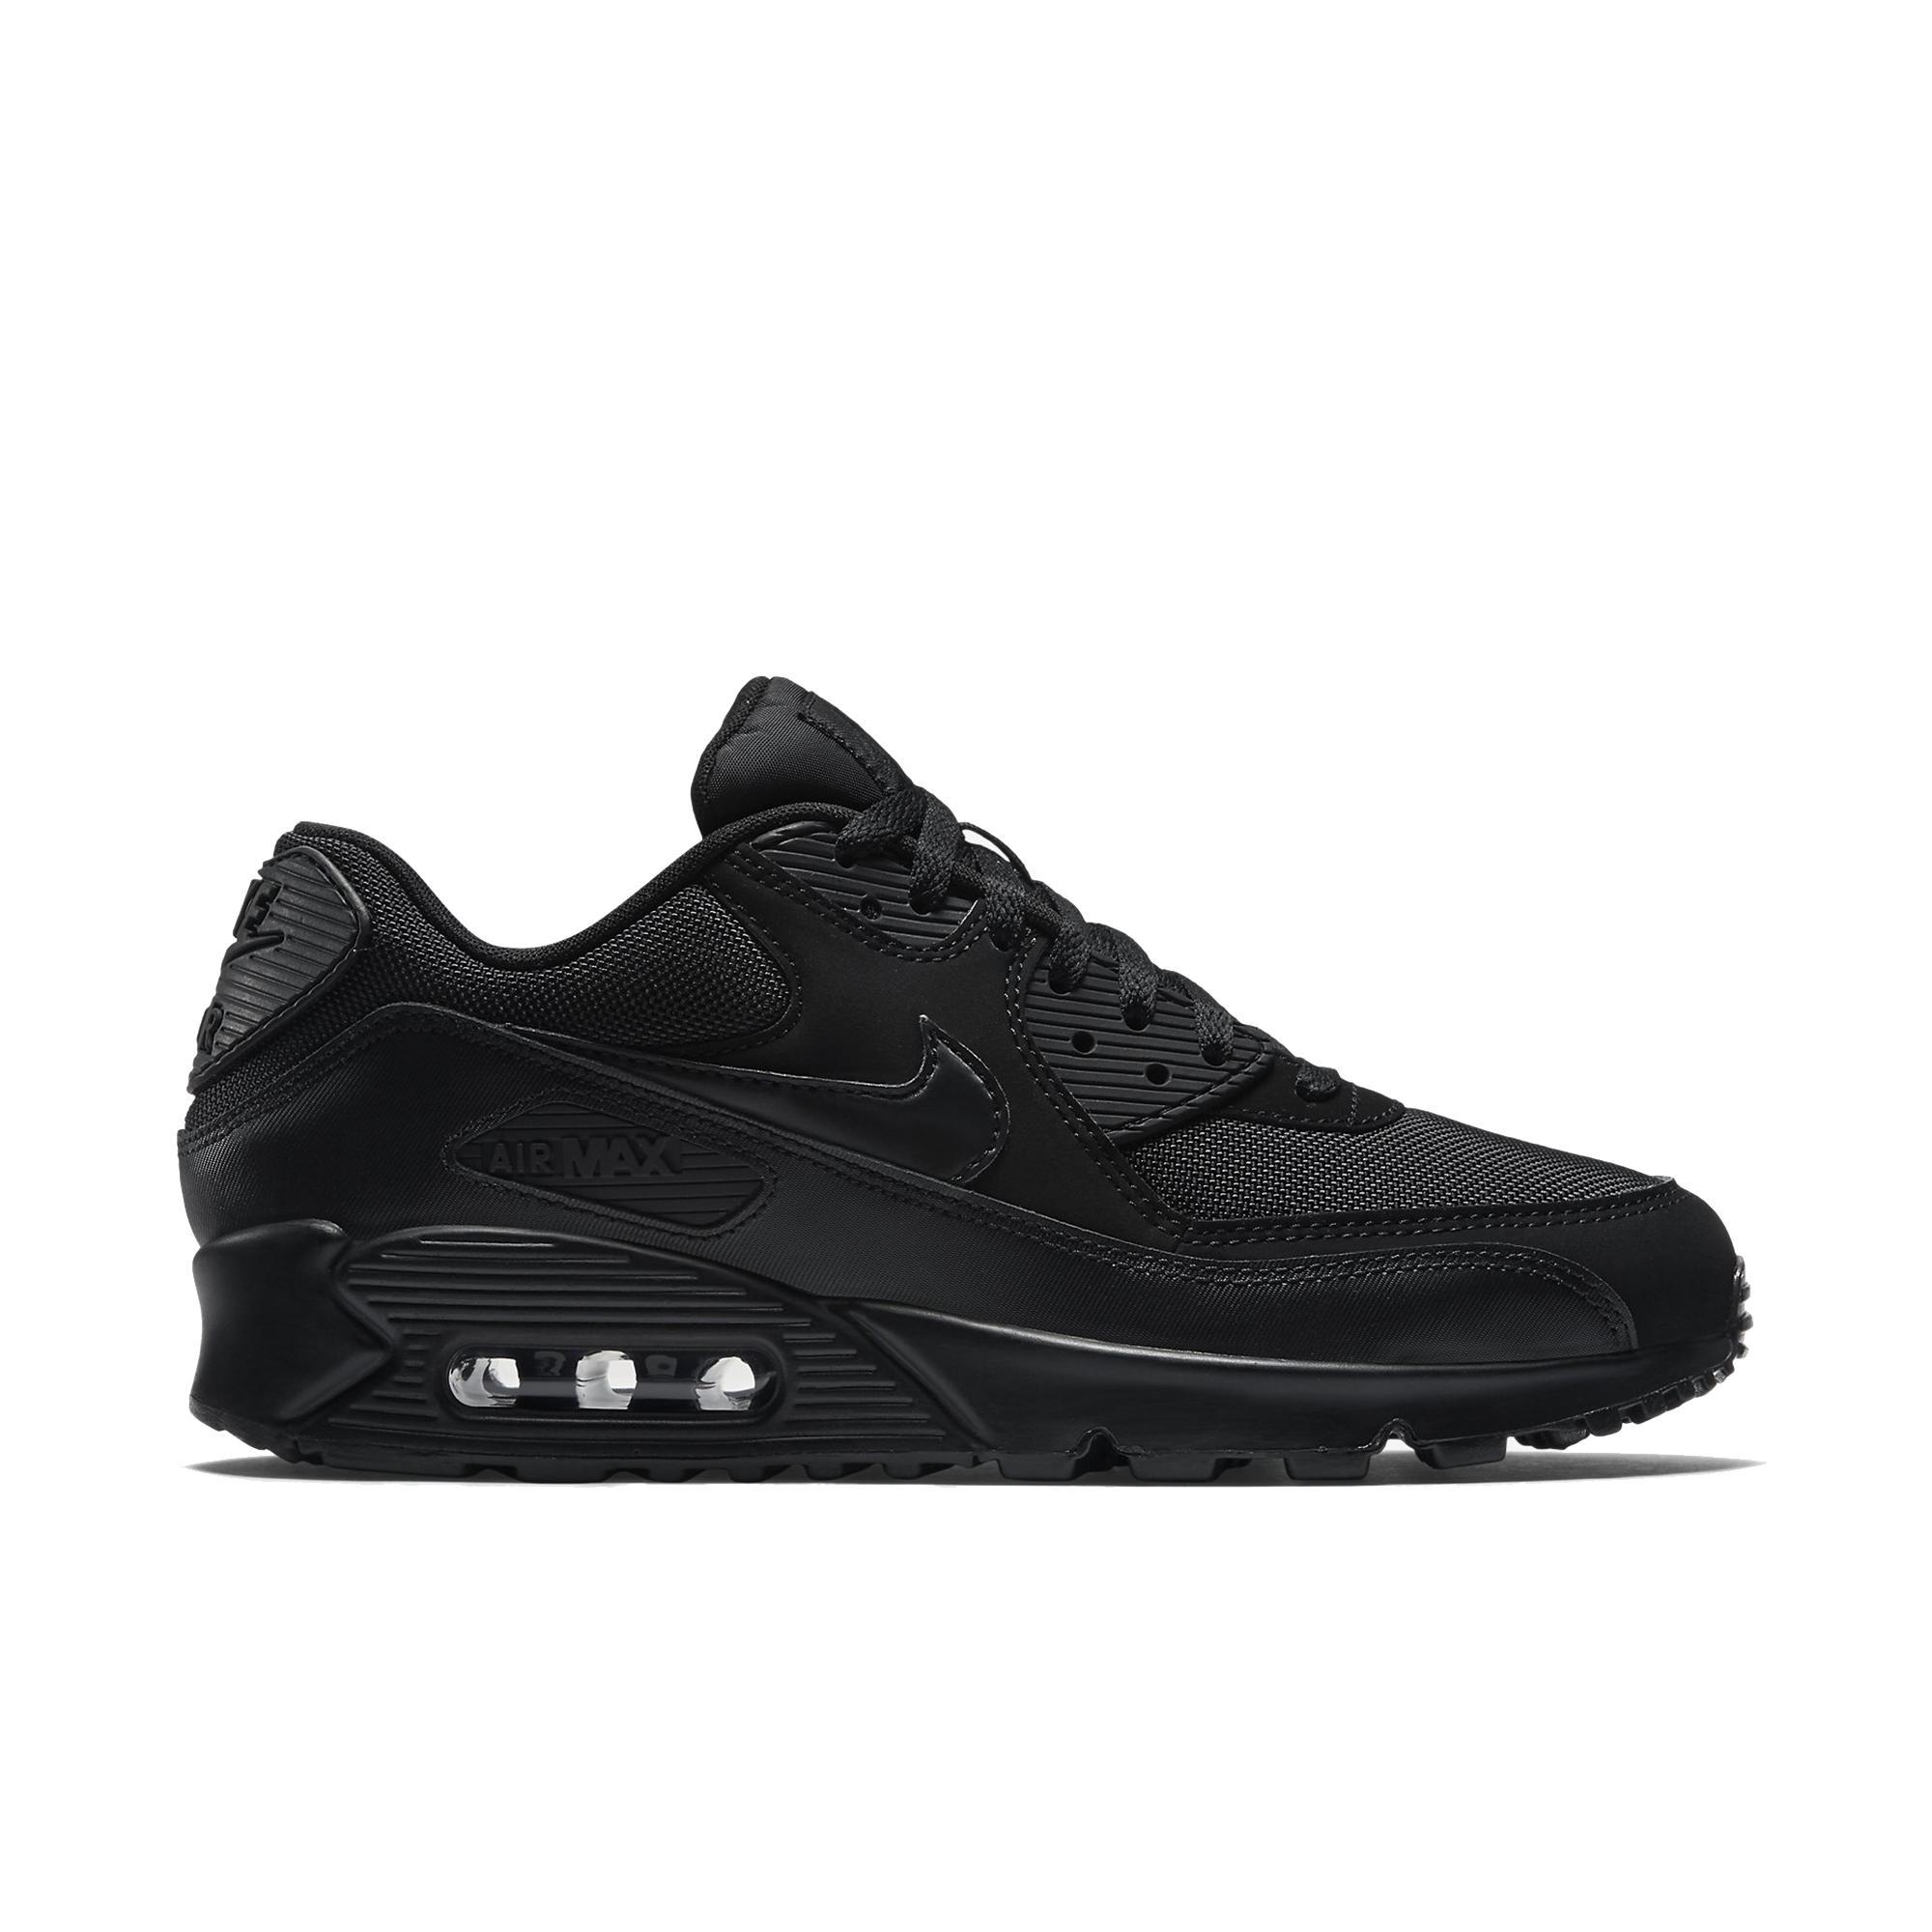 Nike Air Max 90 Essential Erkek Siyah Sneaker Erkek Spor